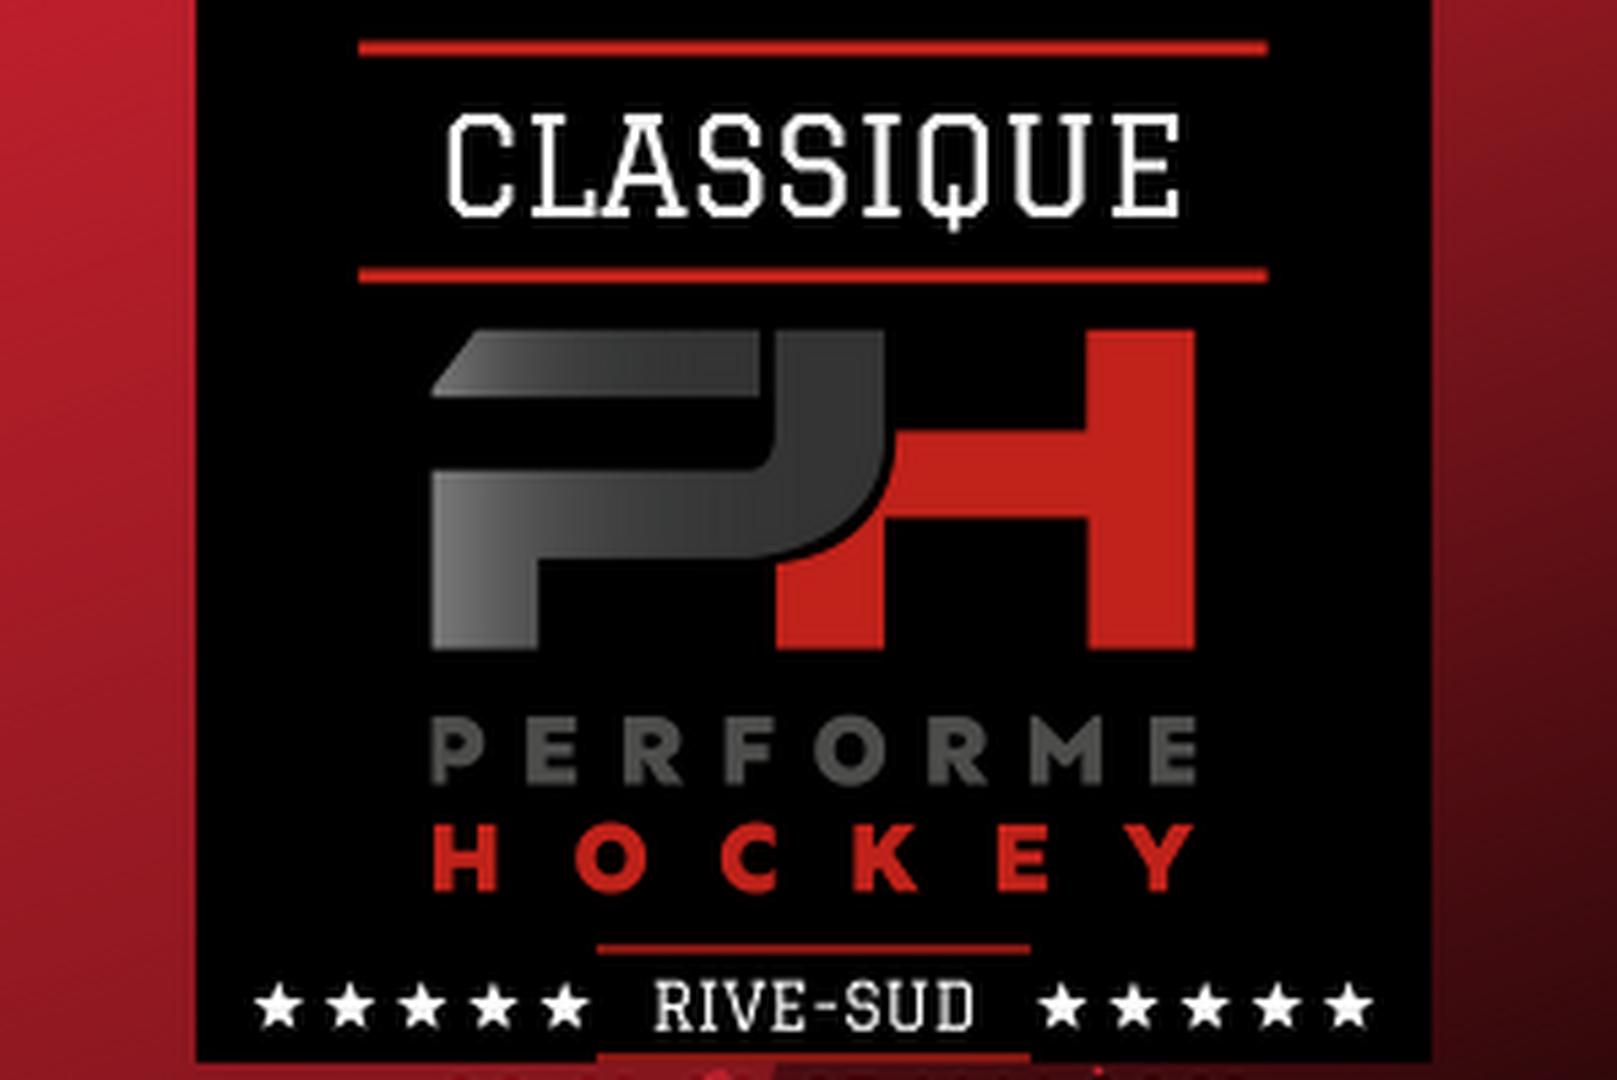 Classique Performe Hockey